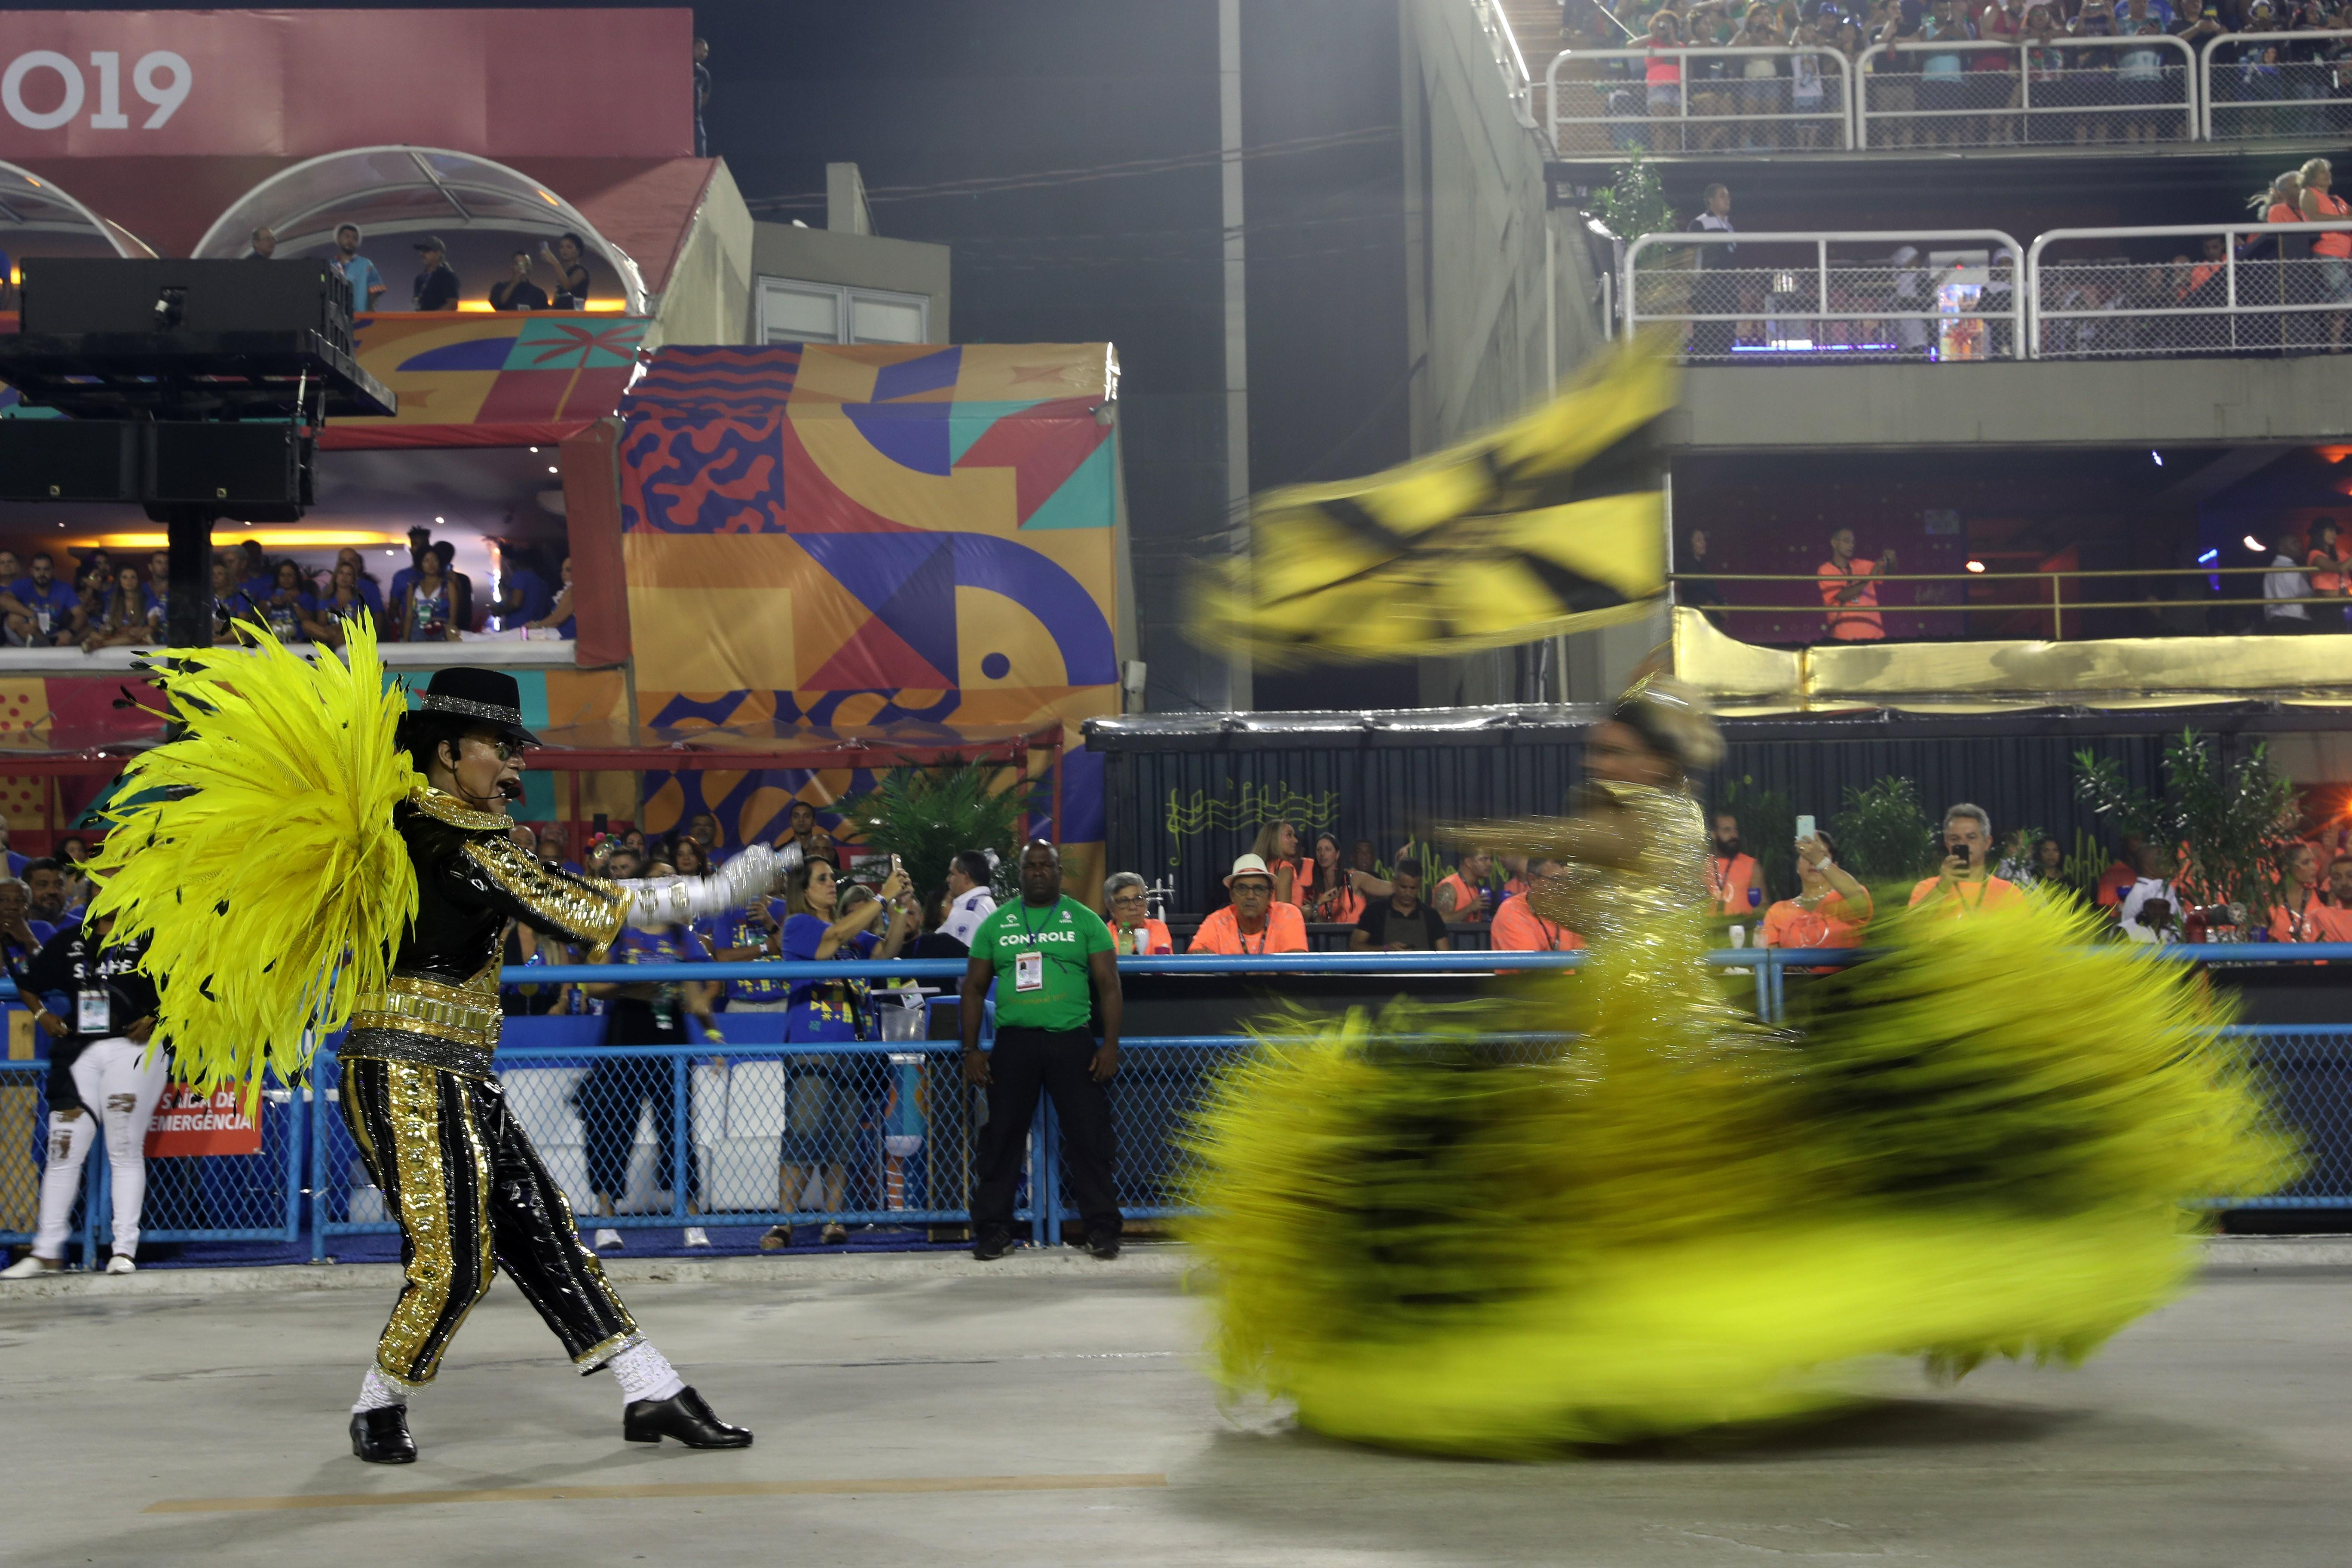 La escuela Sao Clemente abrió los desfiles del grupo especial de Río de Janeiro, de este lunes, la principal atracción de la fiesta más emblemática de Brasil.